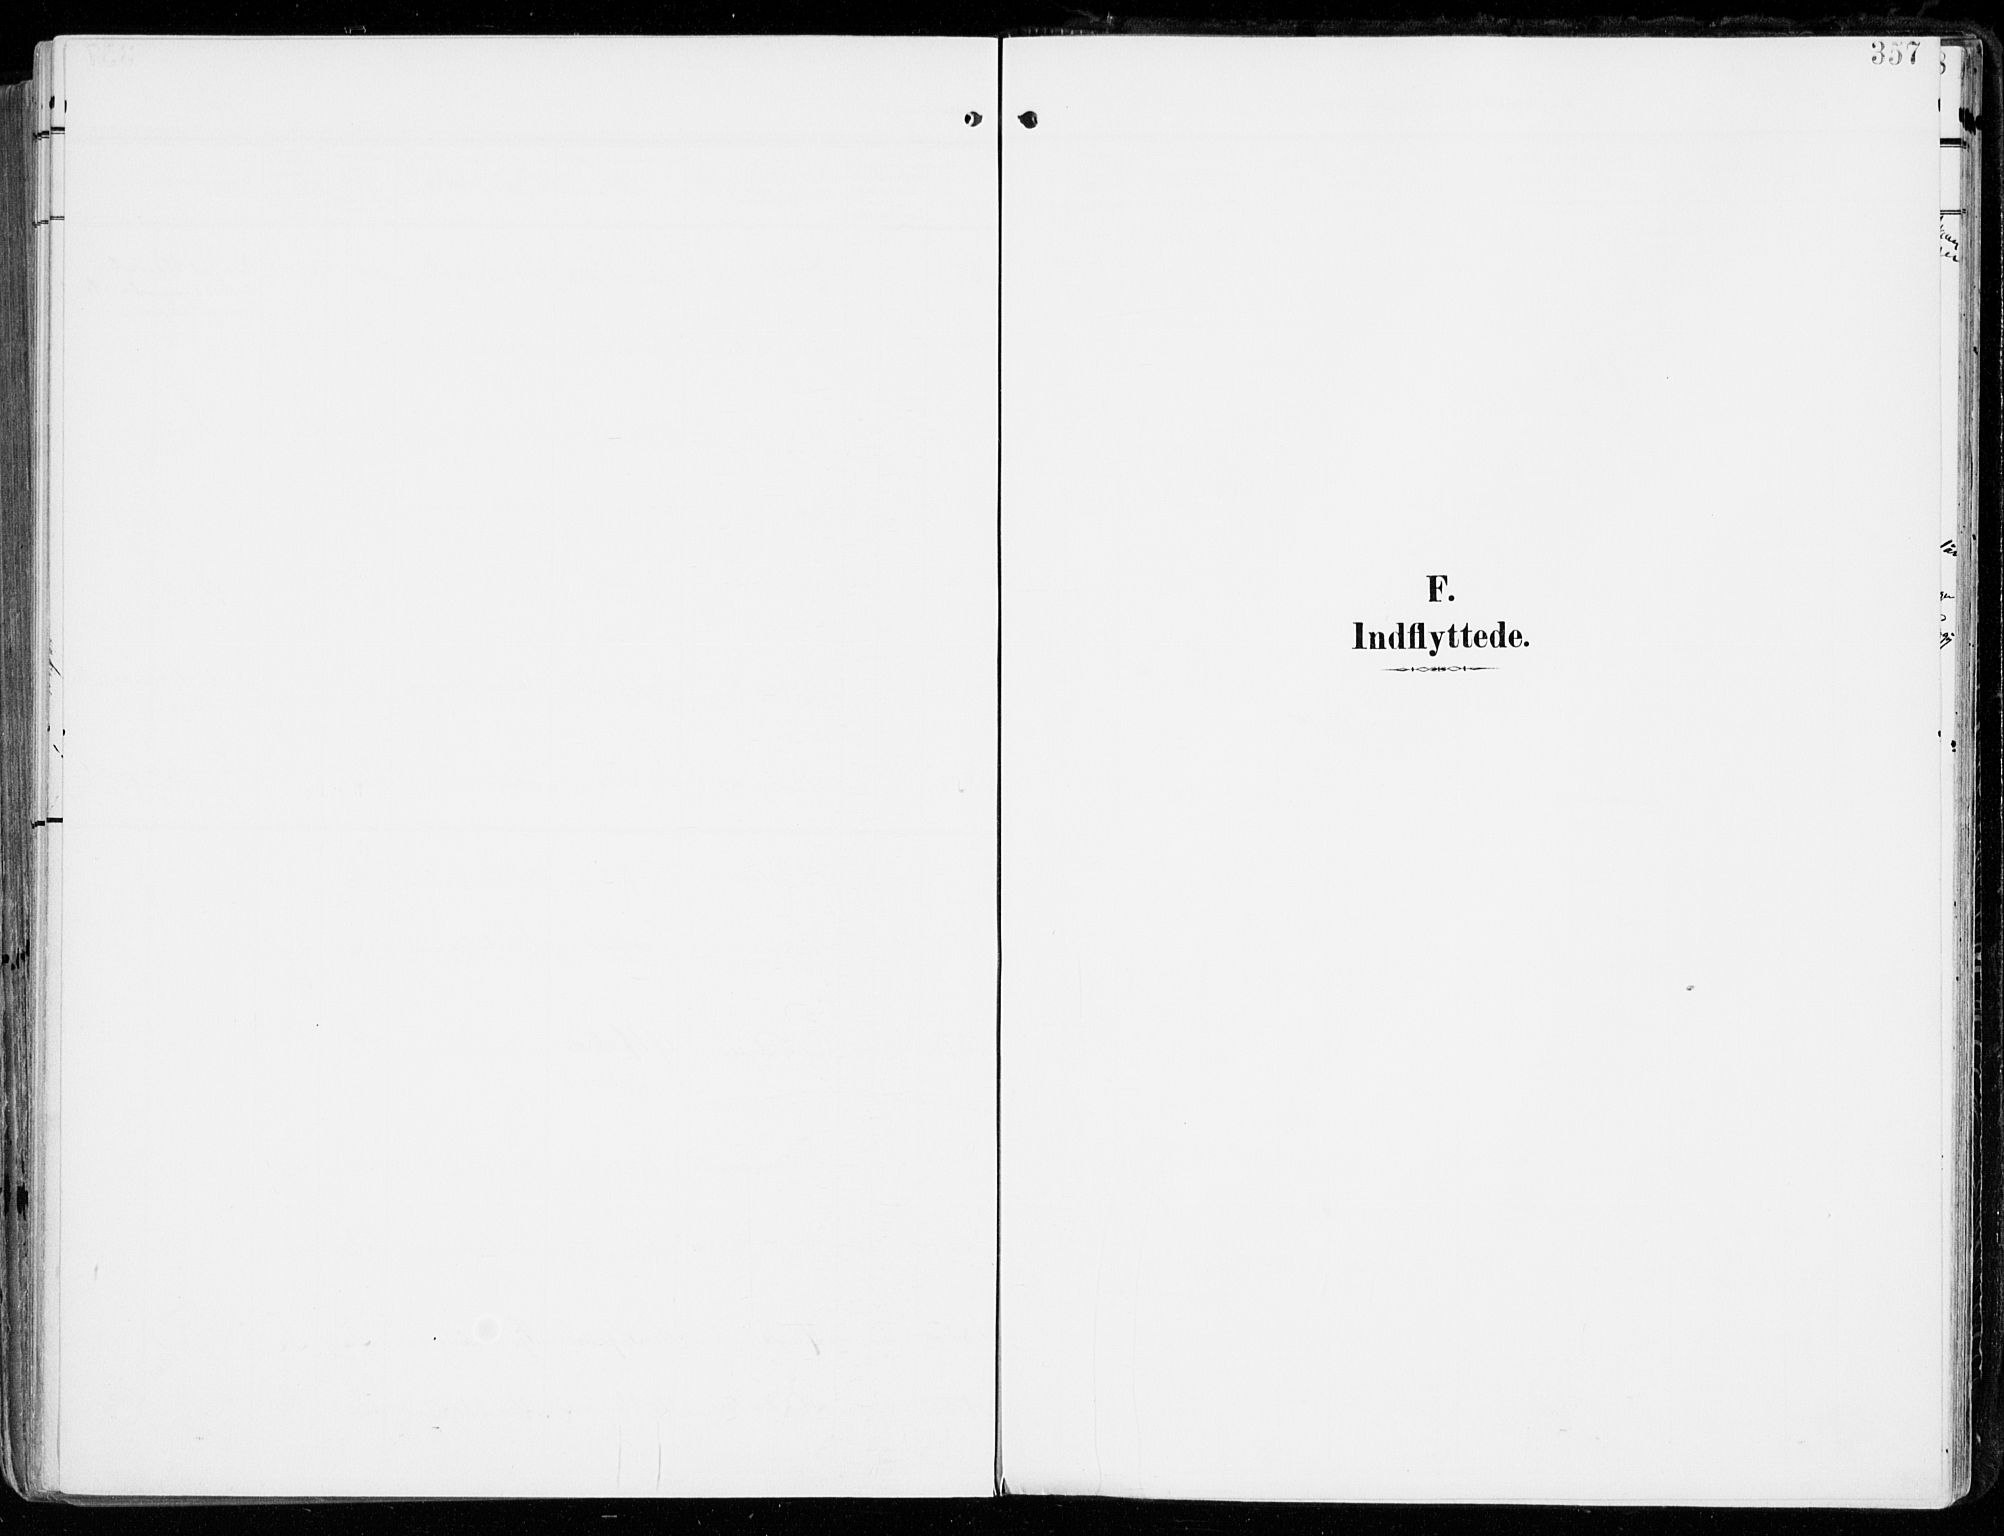 SAKO, Tjølling kirkebøker, F/Fa/L0010: Parish register (official) no. 10, 1906-1923, p. 357